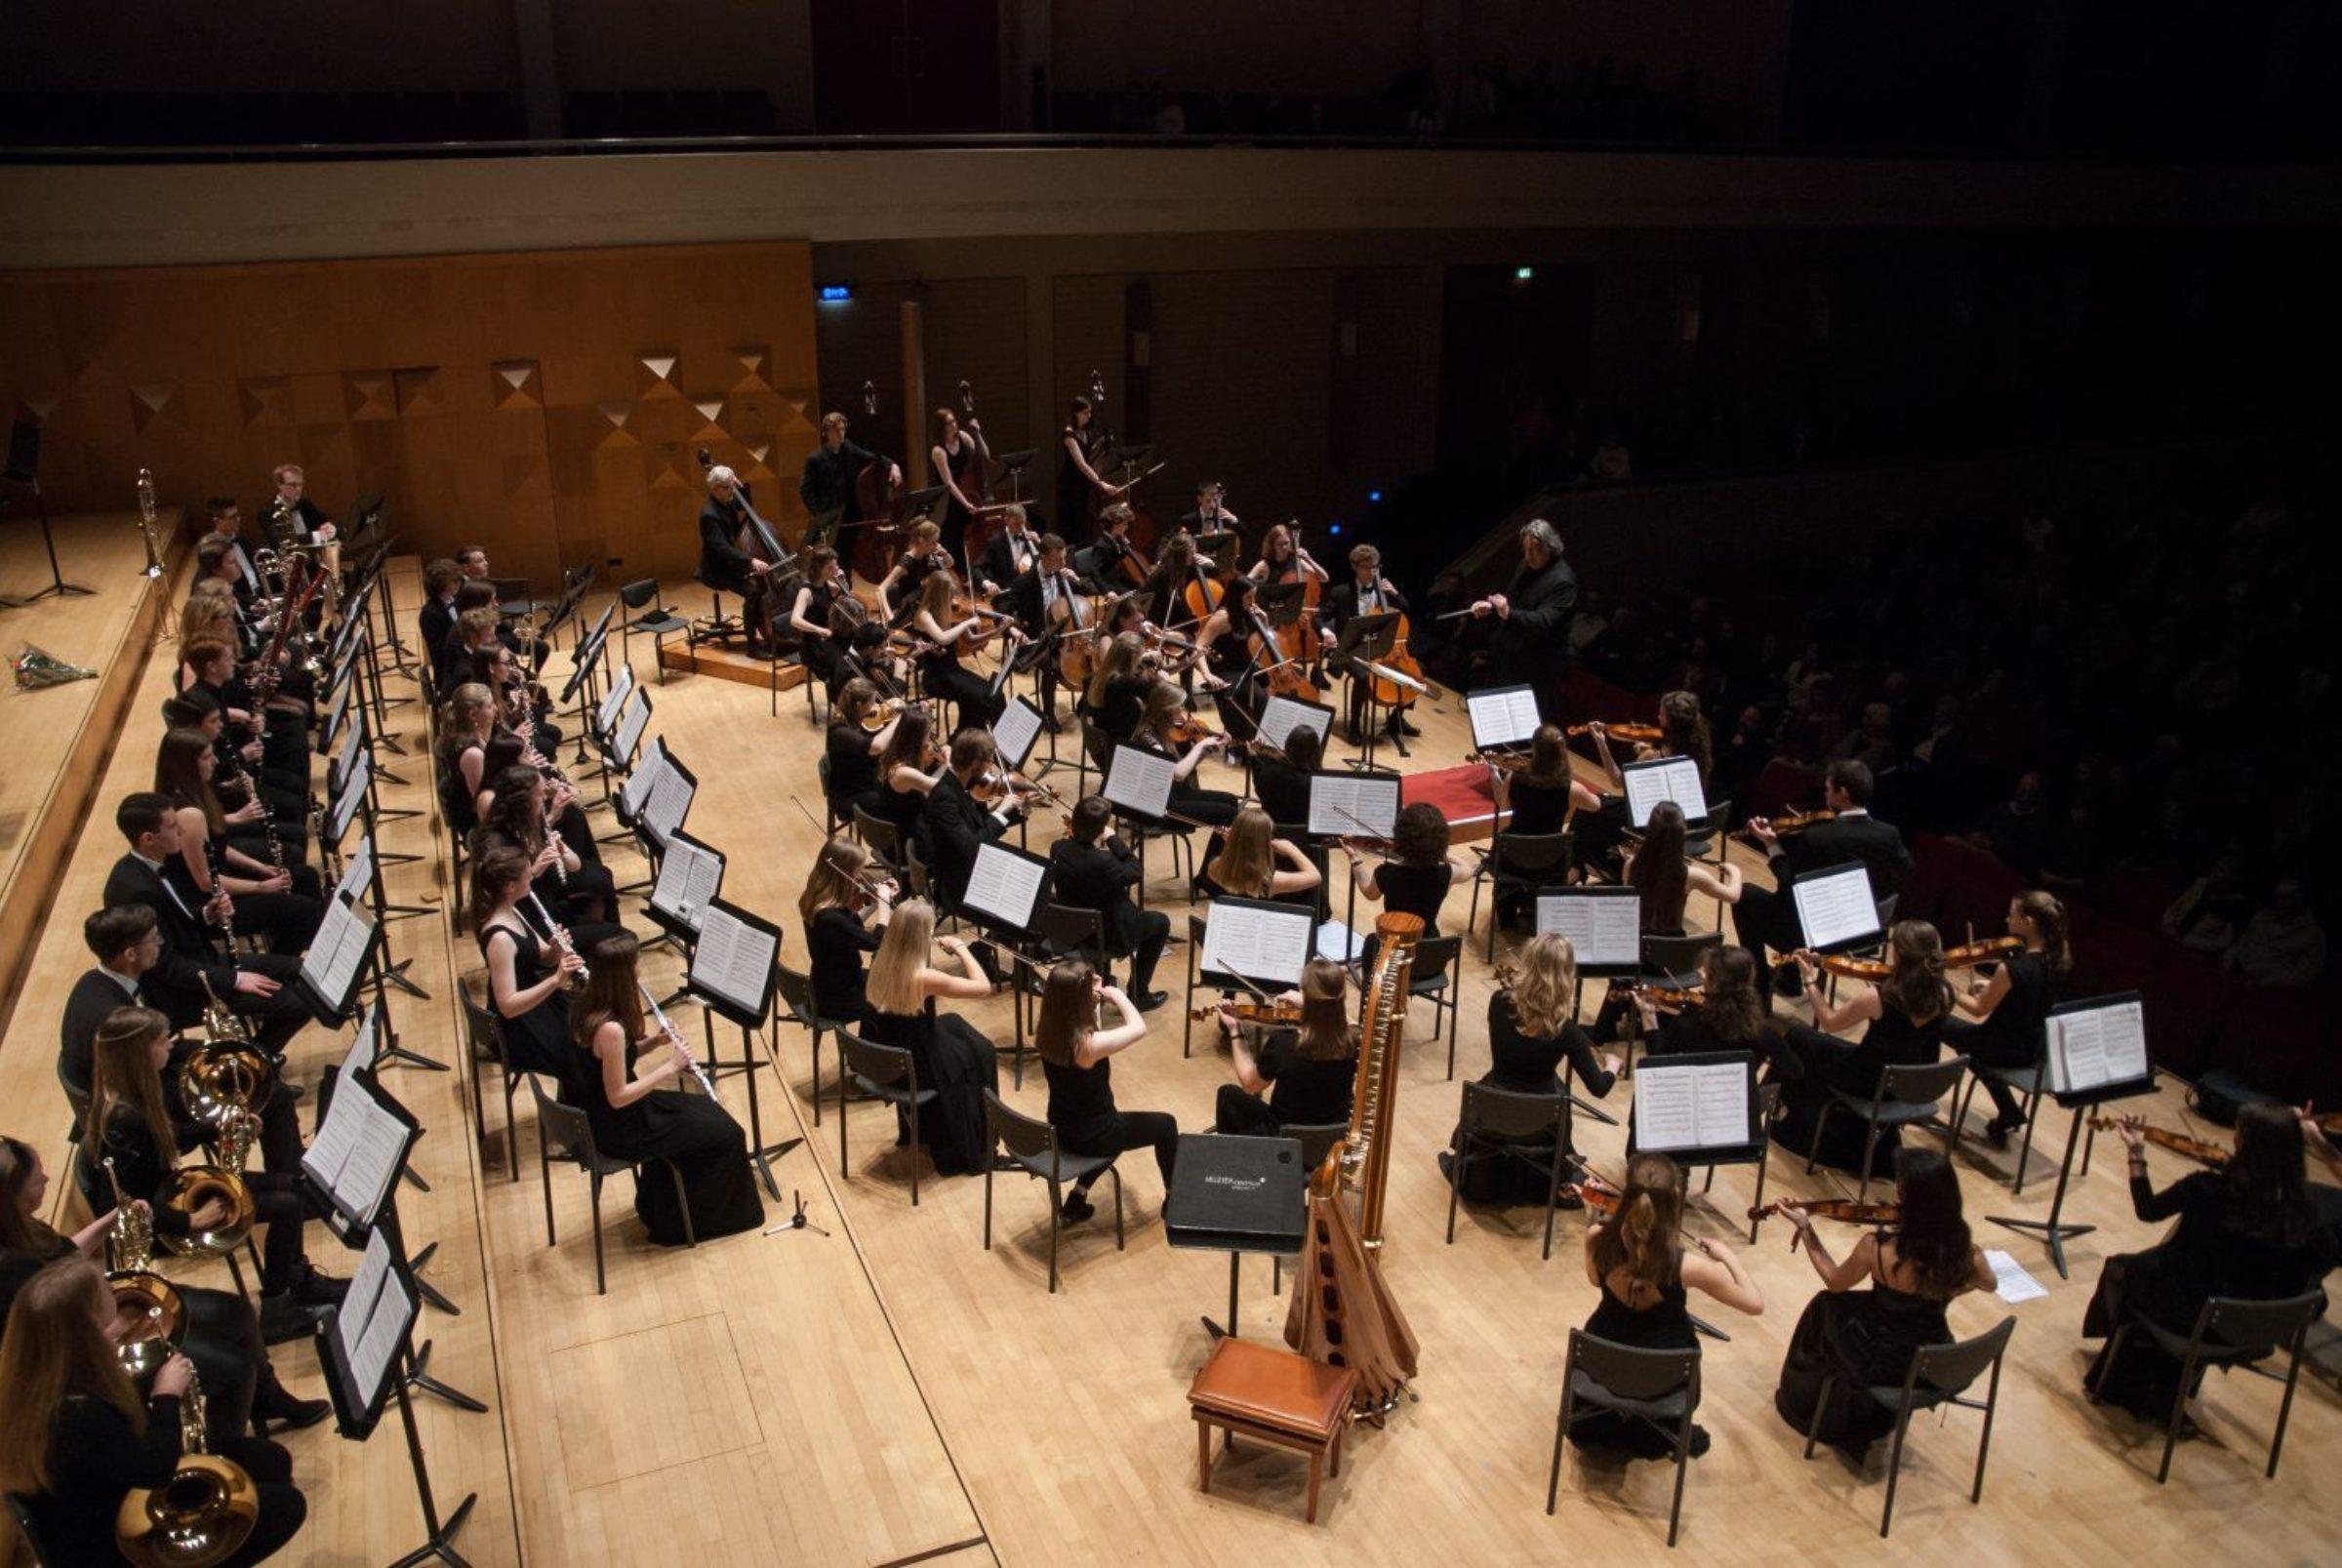 Winterconcert Symfonia 35hxb3jo3v